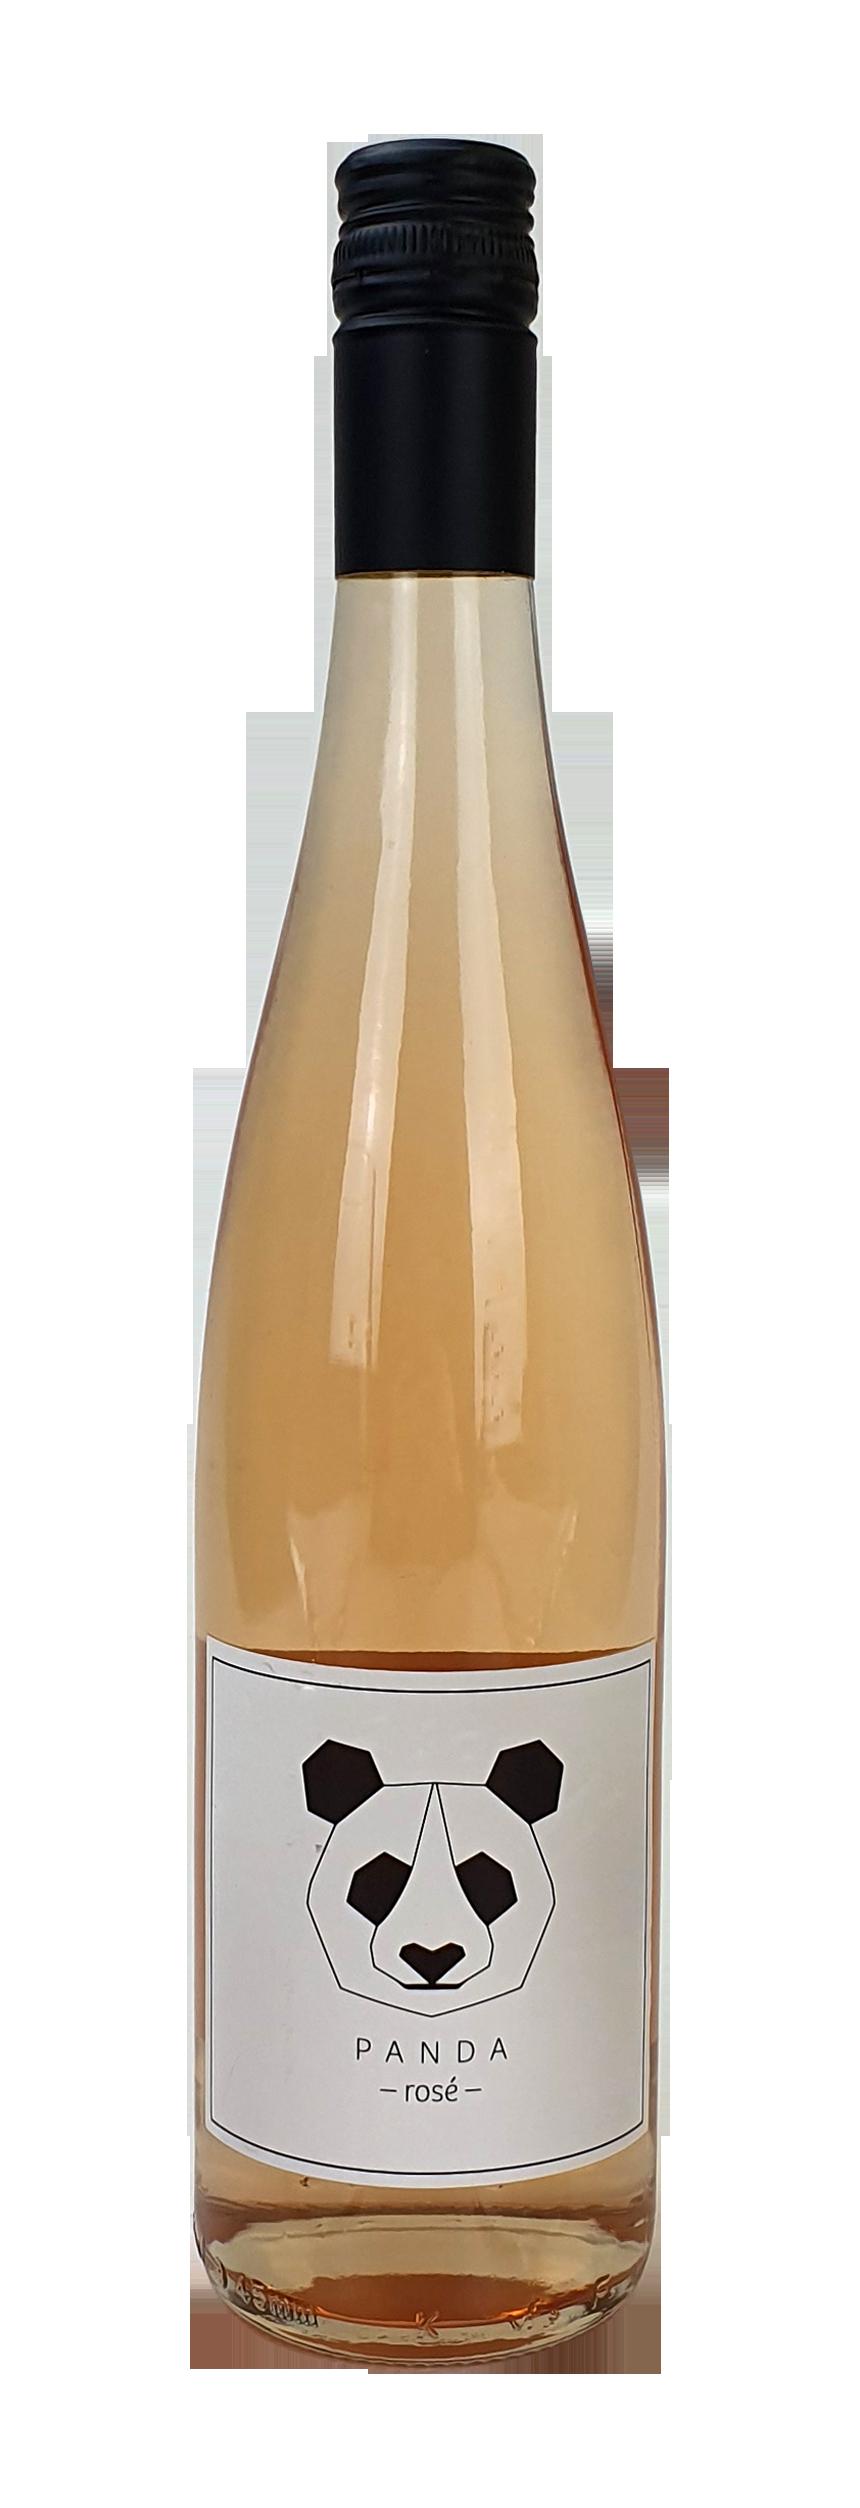 Panda Rosewein Spätburgunder Wein (11,5% Vol) 0,75L- [Enthält Sulfite]